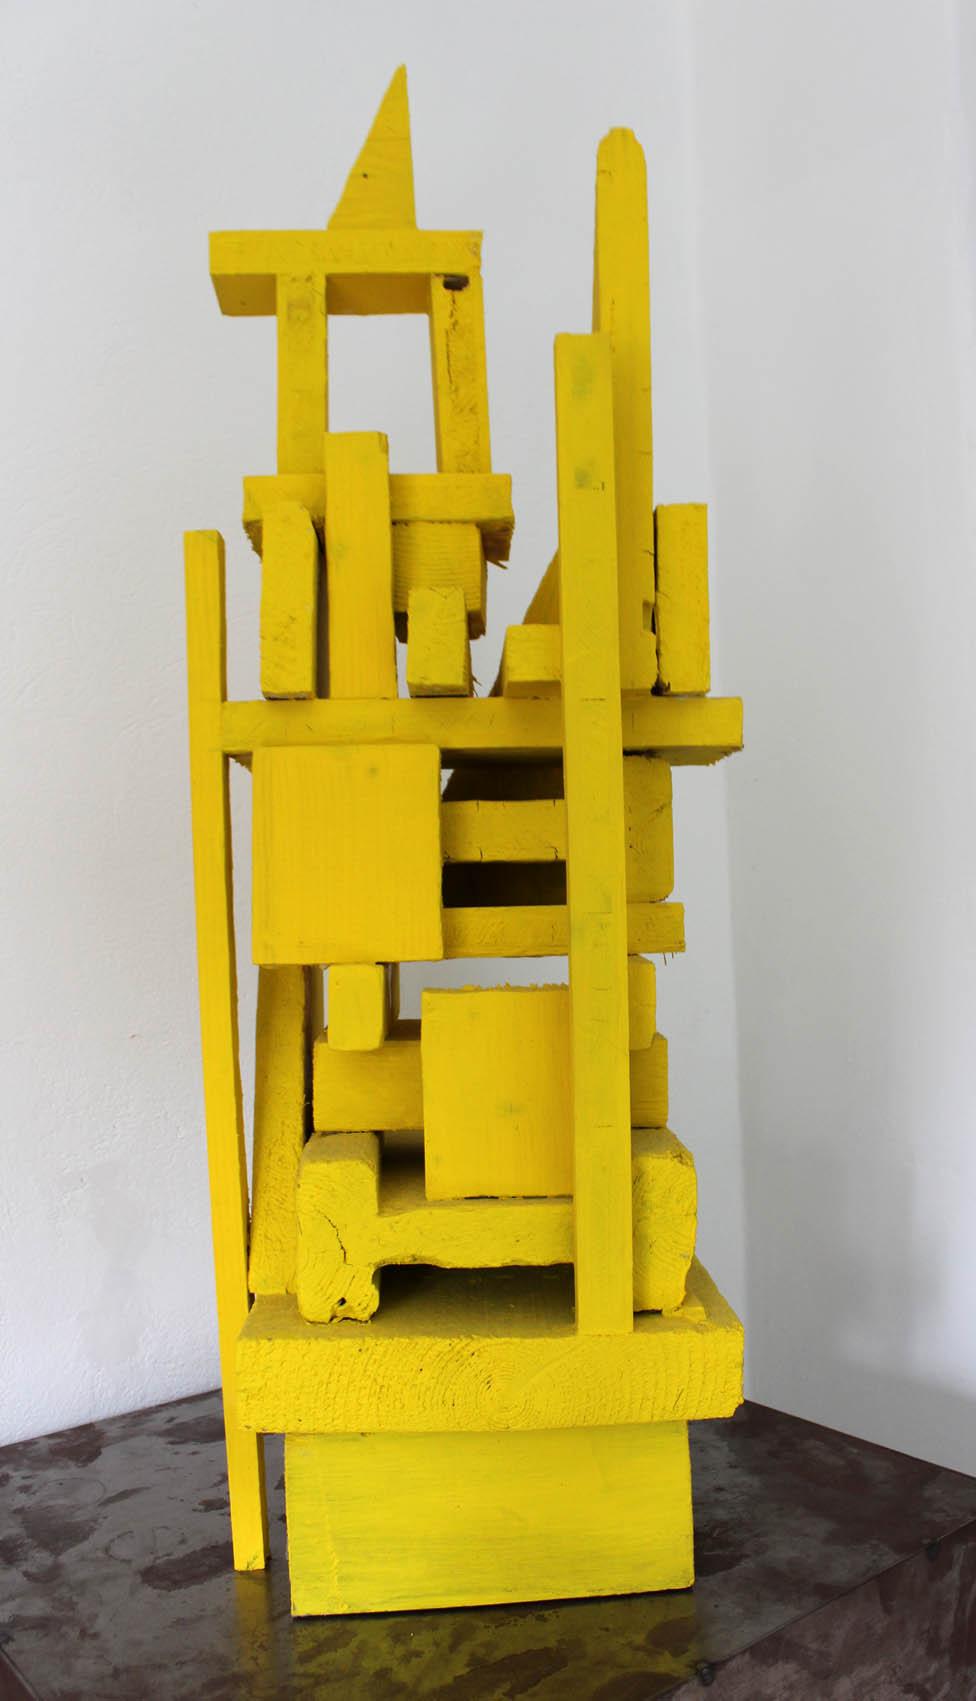 Turm_gelb